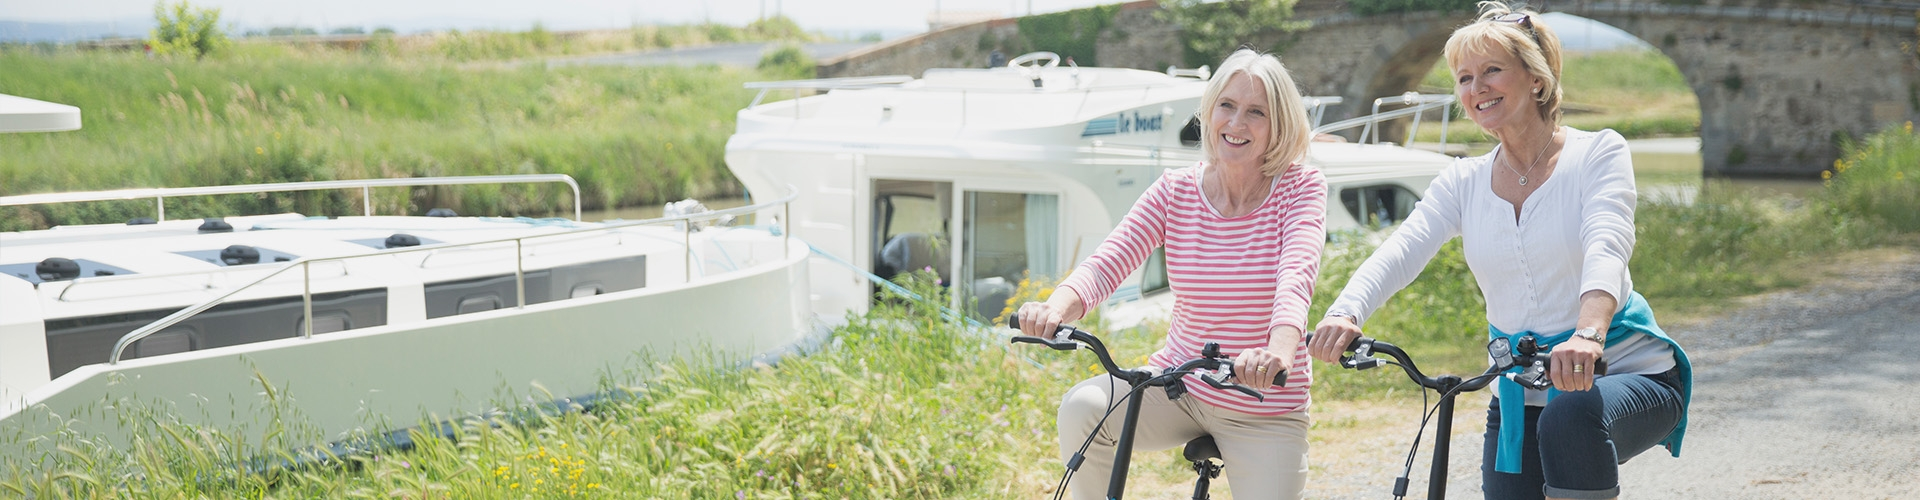 Vélo sur le Midi avec le Vision en arrière-plan